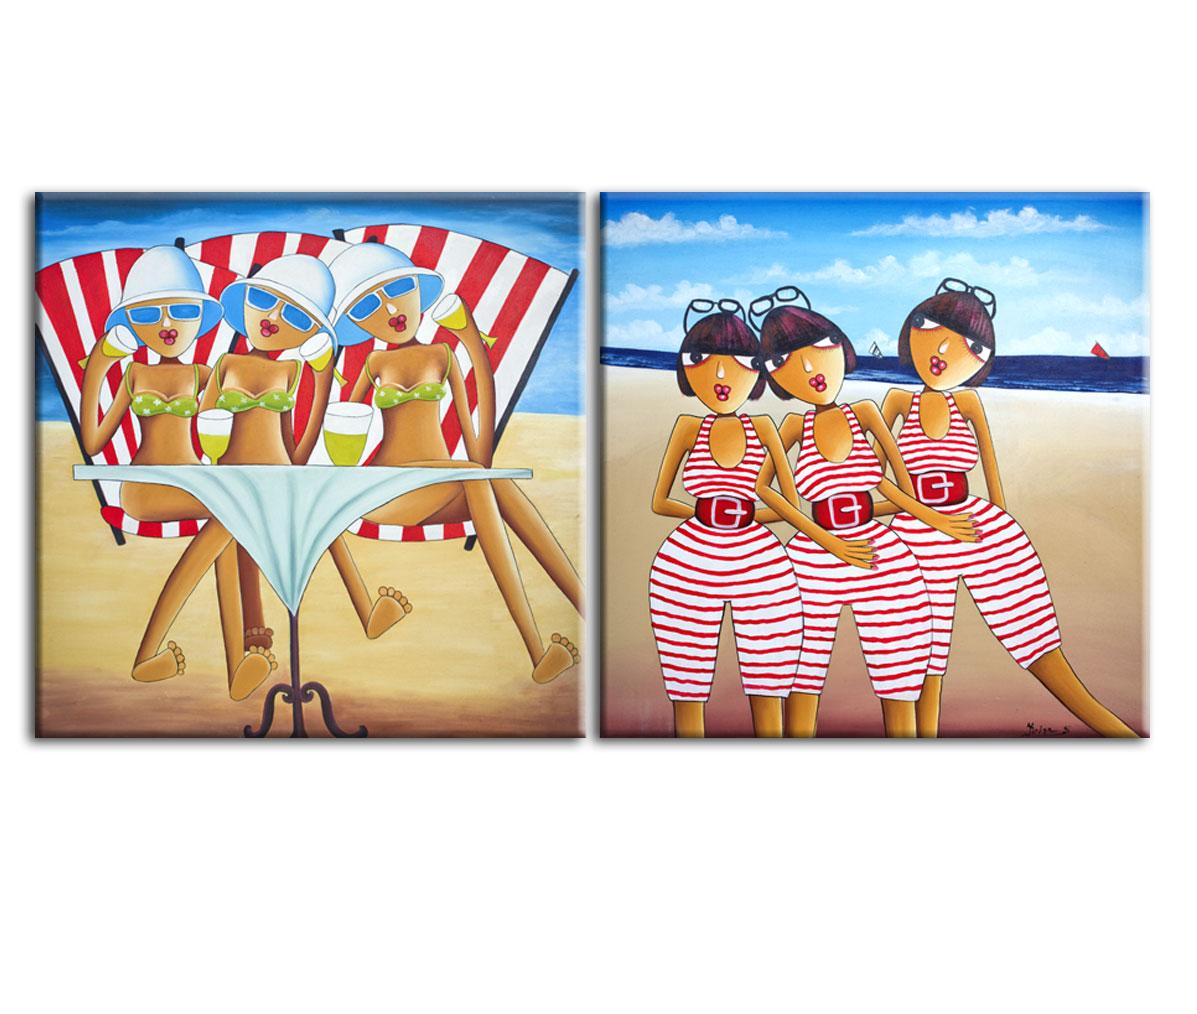 Картина Пляжный диптихКартины<br>Авторская копия картины балийского художника Krisna с декоративной фактурной обработкой, состоит из 2-х частей 35х35см&amp;lt;div&amp;gt;&amp;lt;br&amp;gt;&amp;lt;/div&amp;gt;&amp;lt;div&amp;gt;Материал: натуральный холст, деревянный подрамник, лак,итальянский фактурный гель&amp;lt;br&amp;gt;&amp;lt;/div&amp;gt;<br><br>Material: Холст<br>Width см: 70<br>Depth см: 3<br>Height см: 35